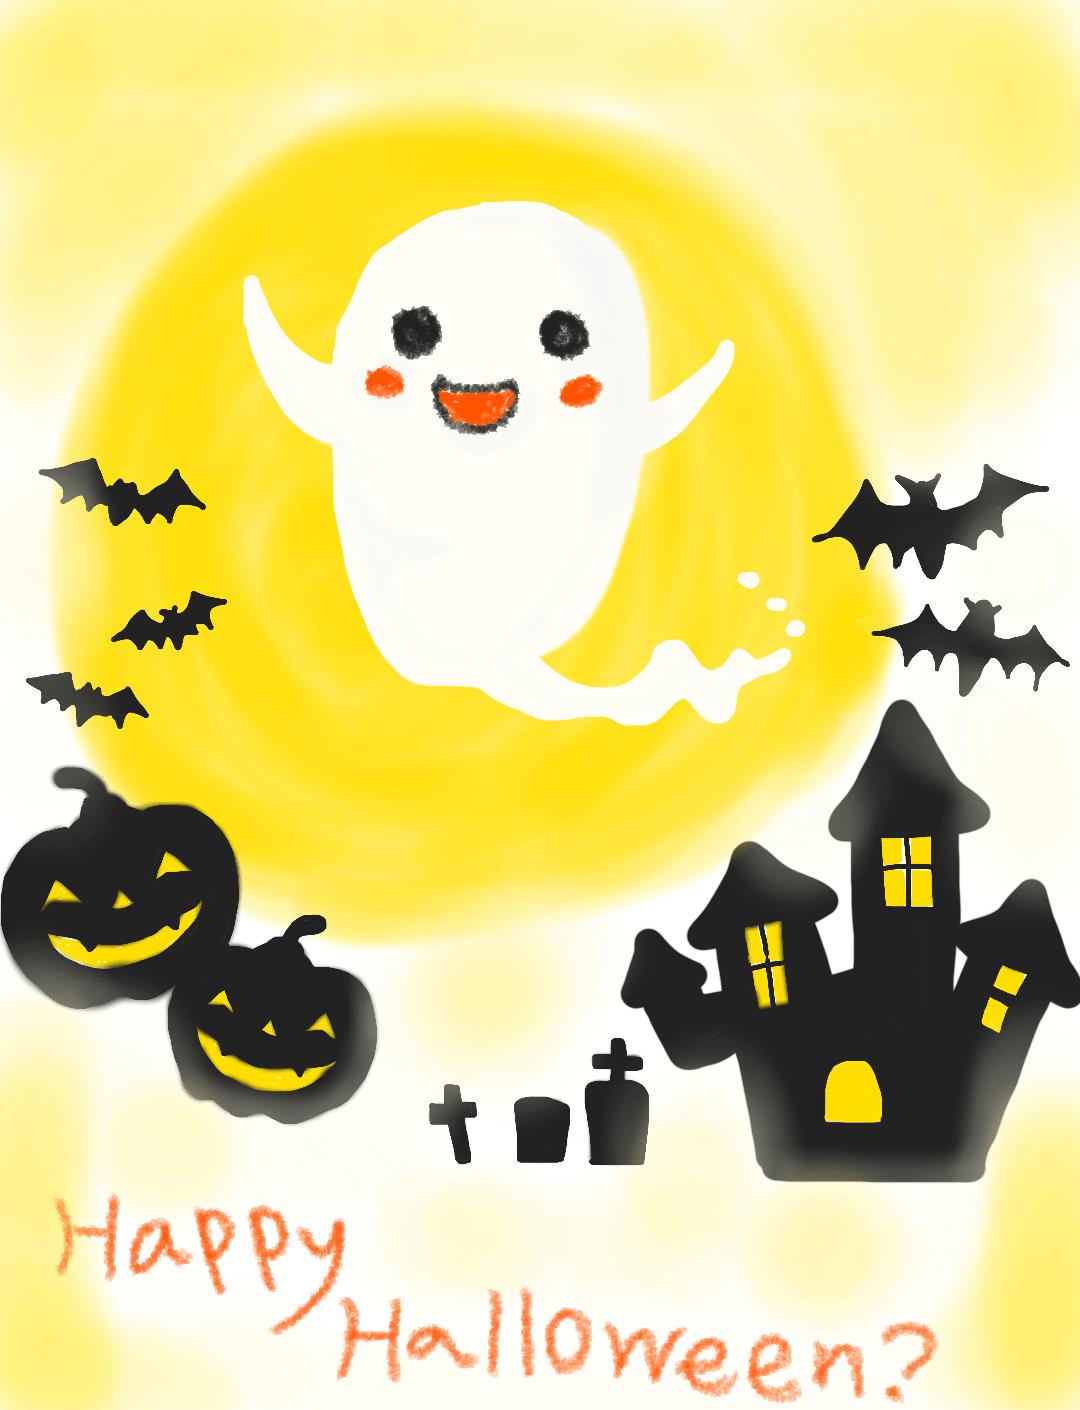 創作意欲を高めたくてお絵描きアプリで描いた「オバケとHappy Halloween?」